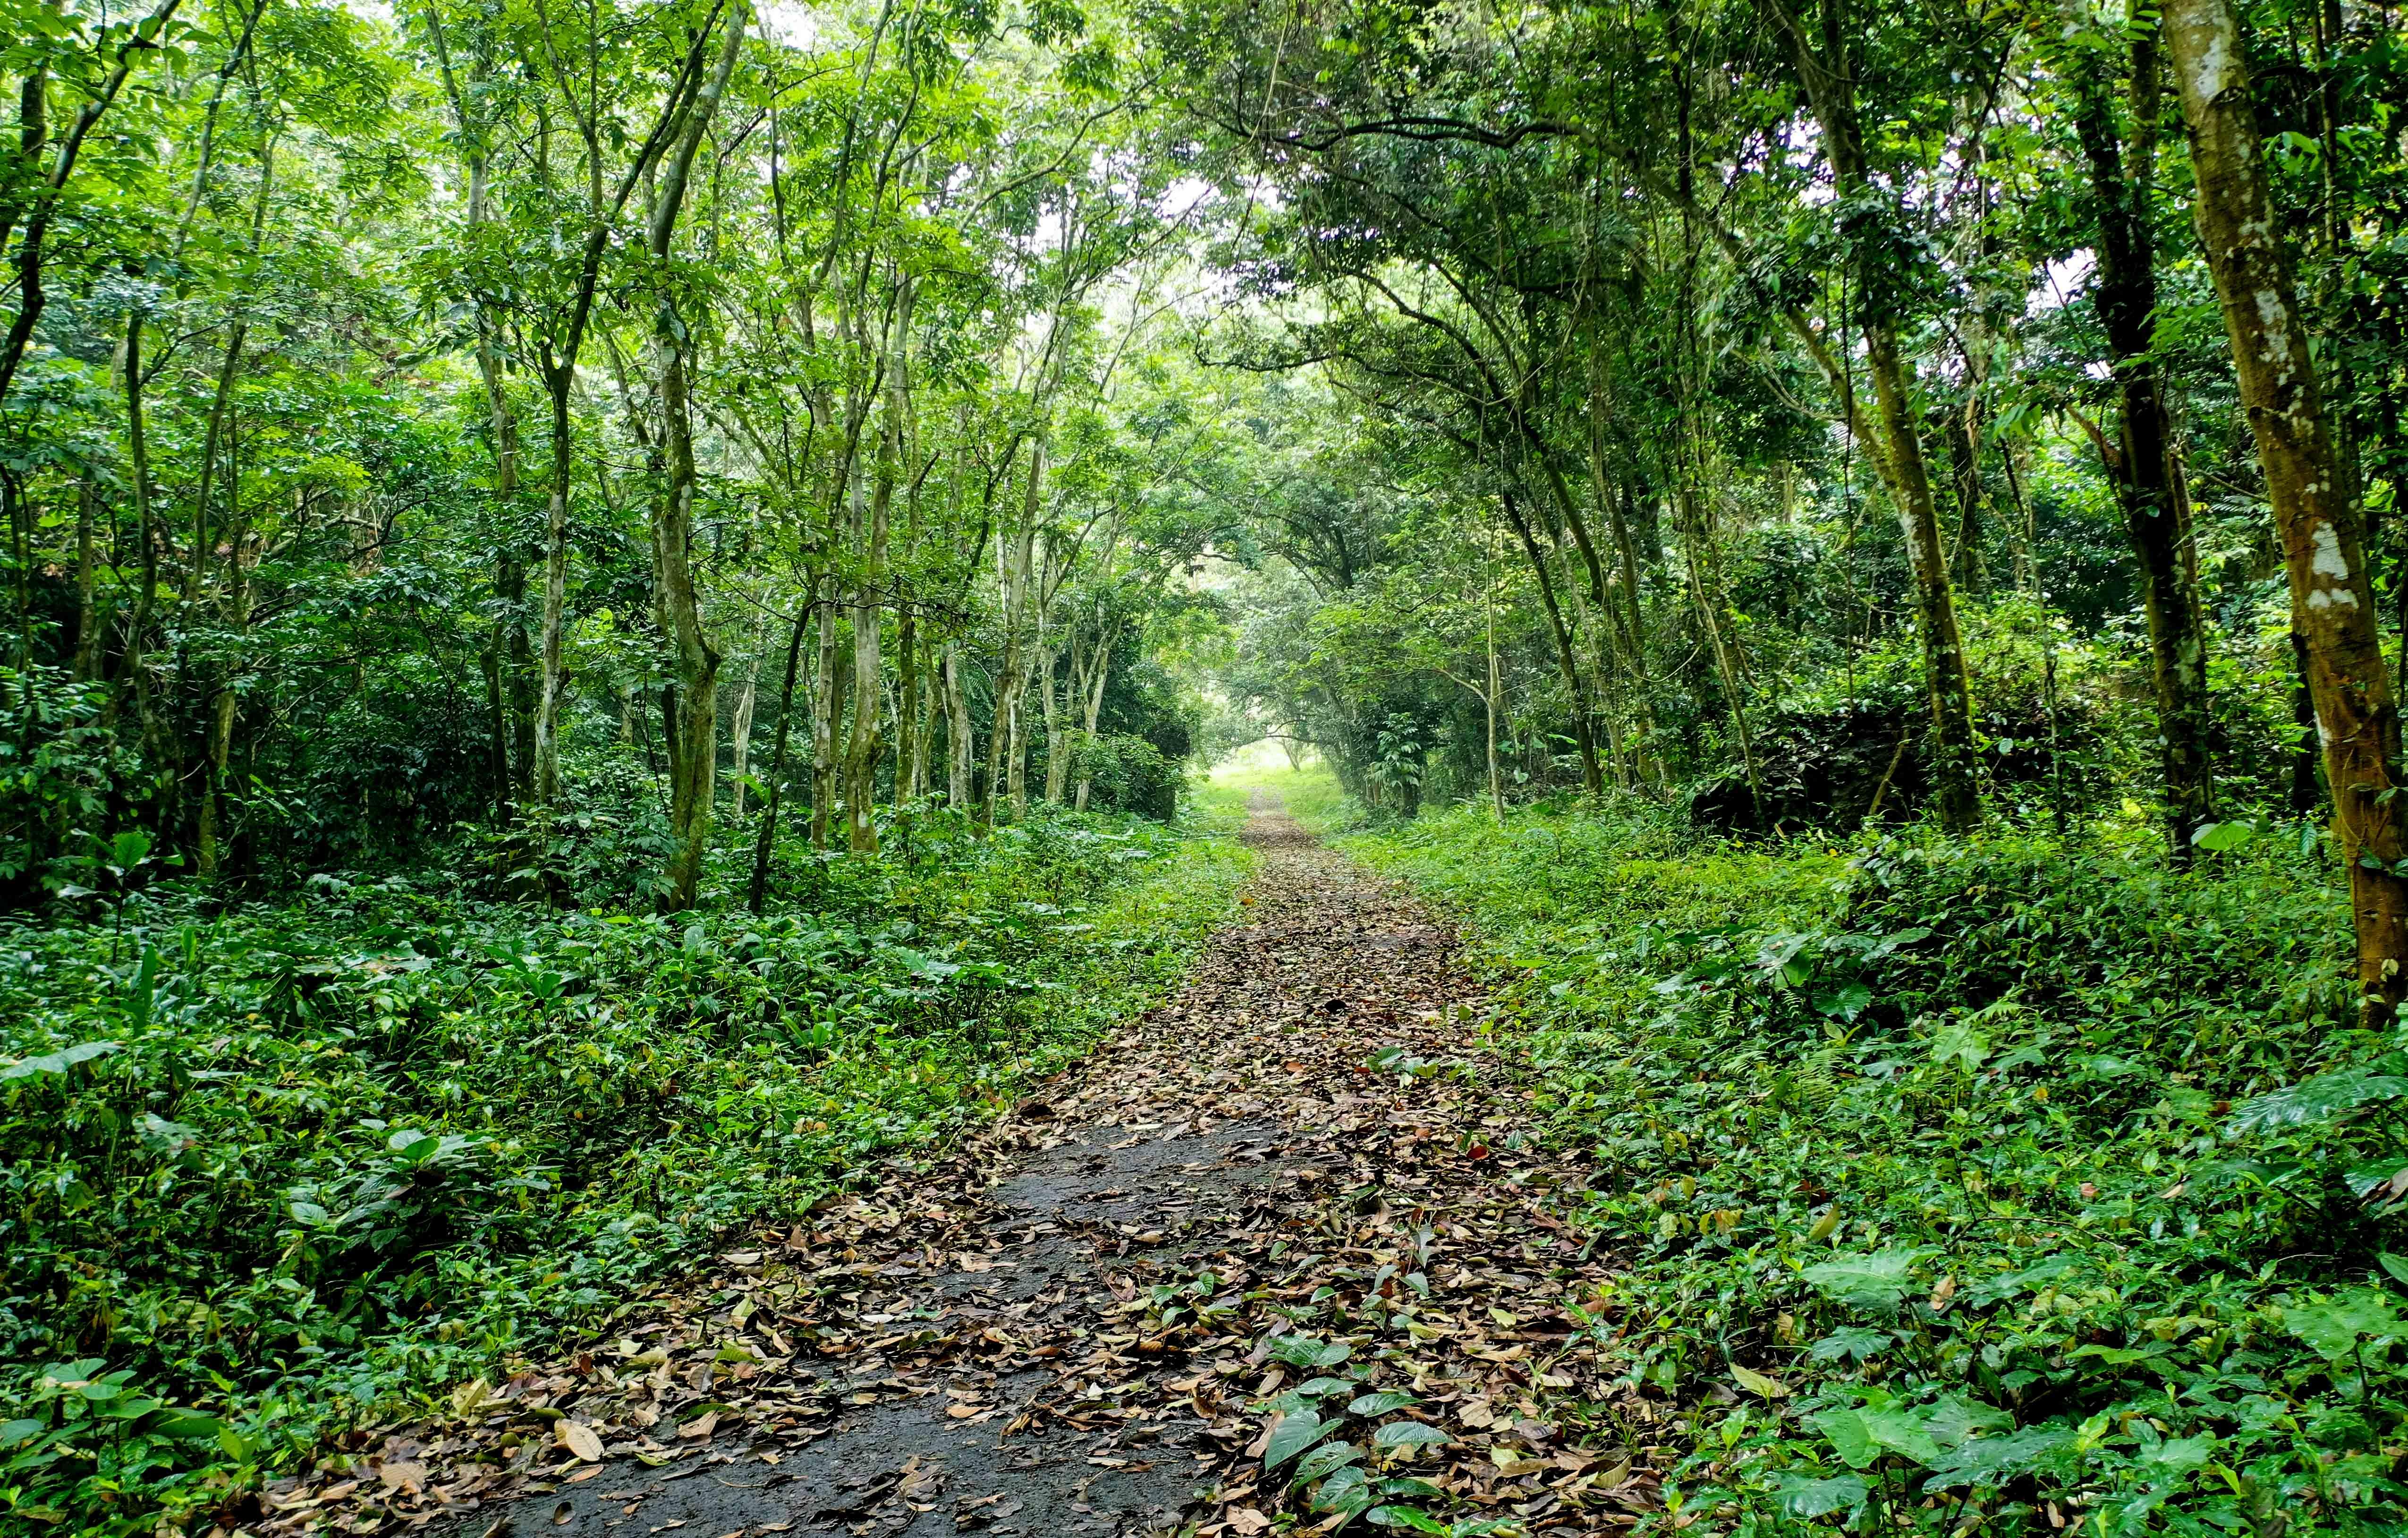 Vườn quốc gia Cúc Phương lọt top 8 vườn quốc gia ấn tượng nhất Việt Nam